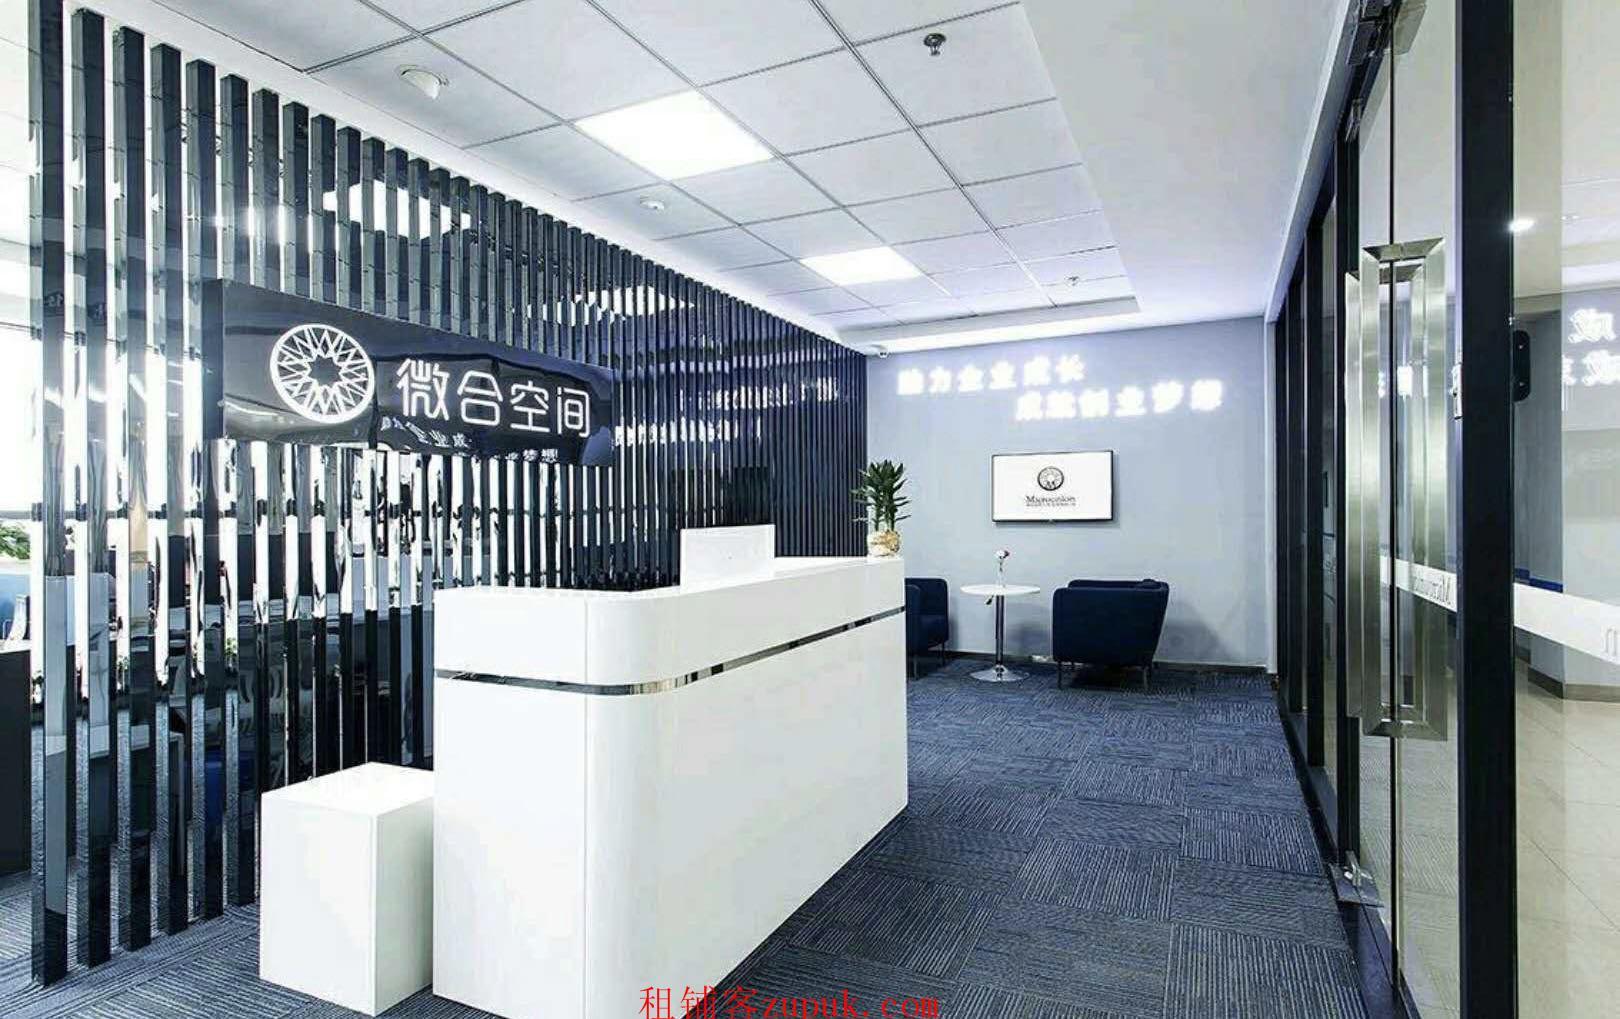 (招商)金谷大厦联合办公甲级办公区可注册亦代账五星级服务@我